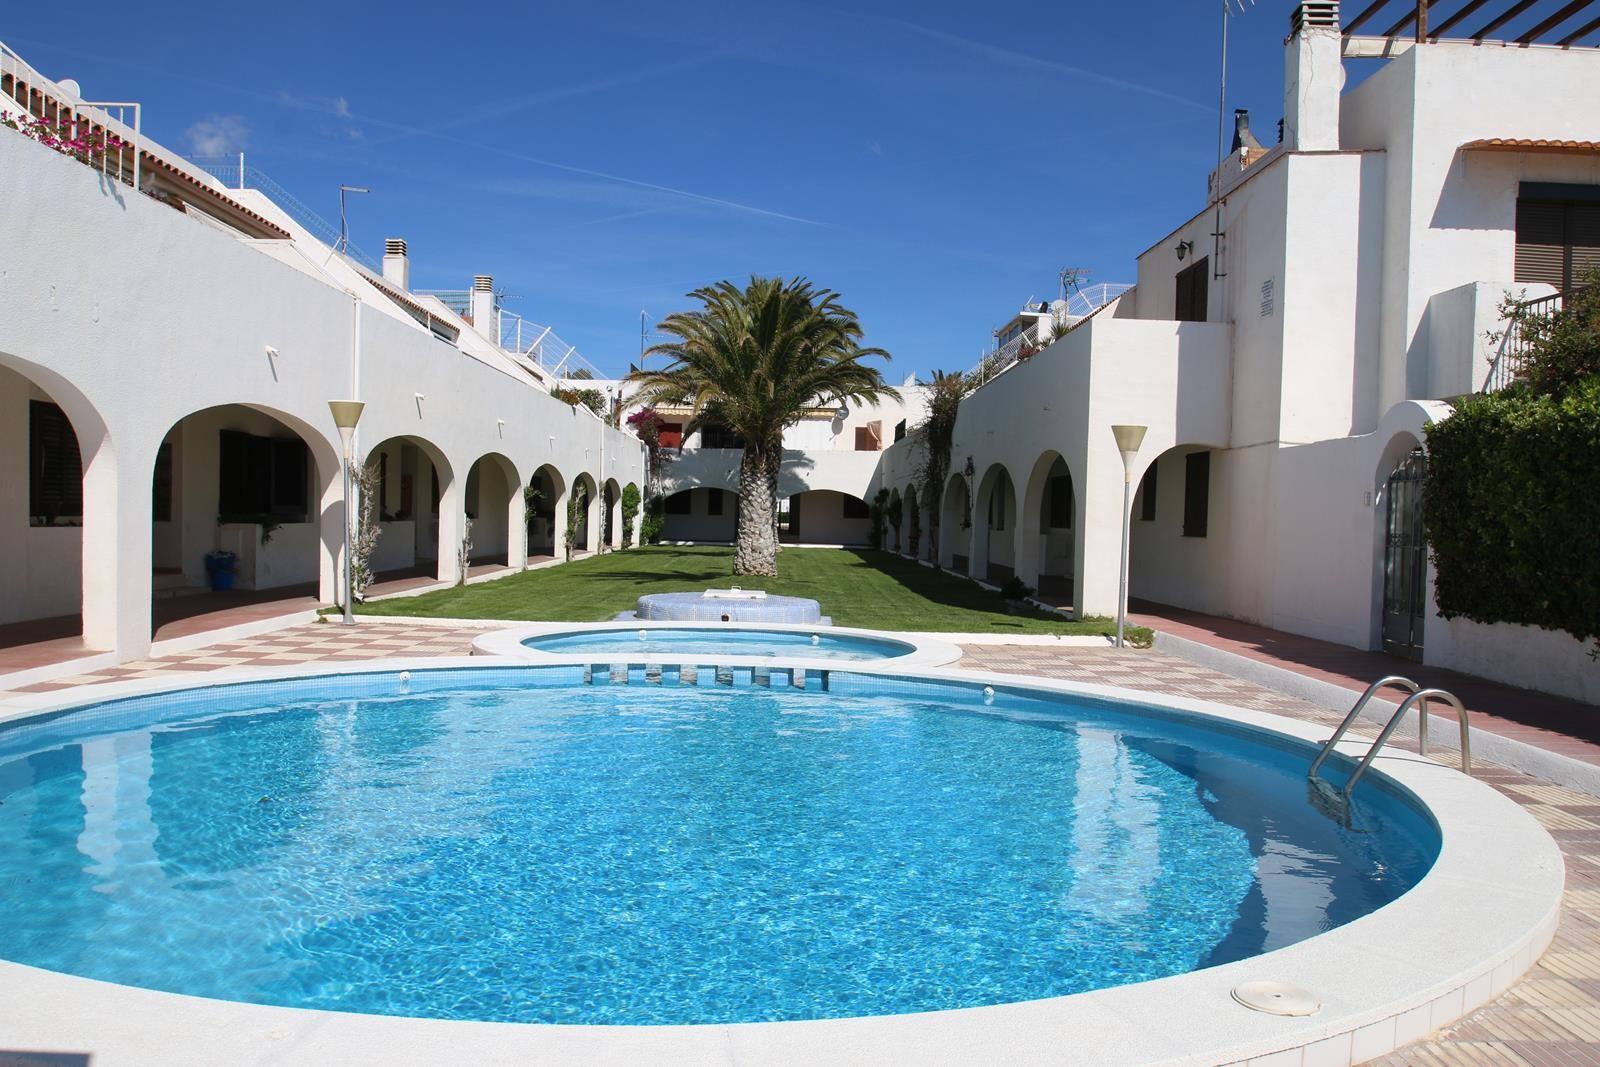 Casas en miami playa casas blancas j28 for Apartamentos jardin playa larga tarragona